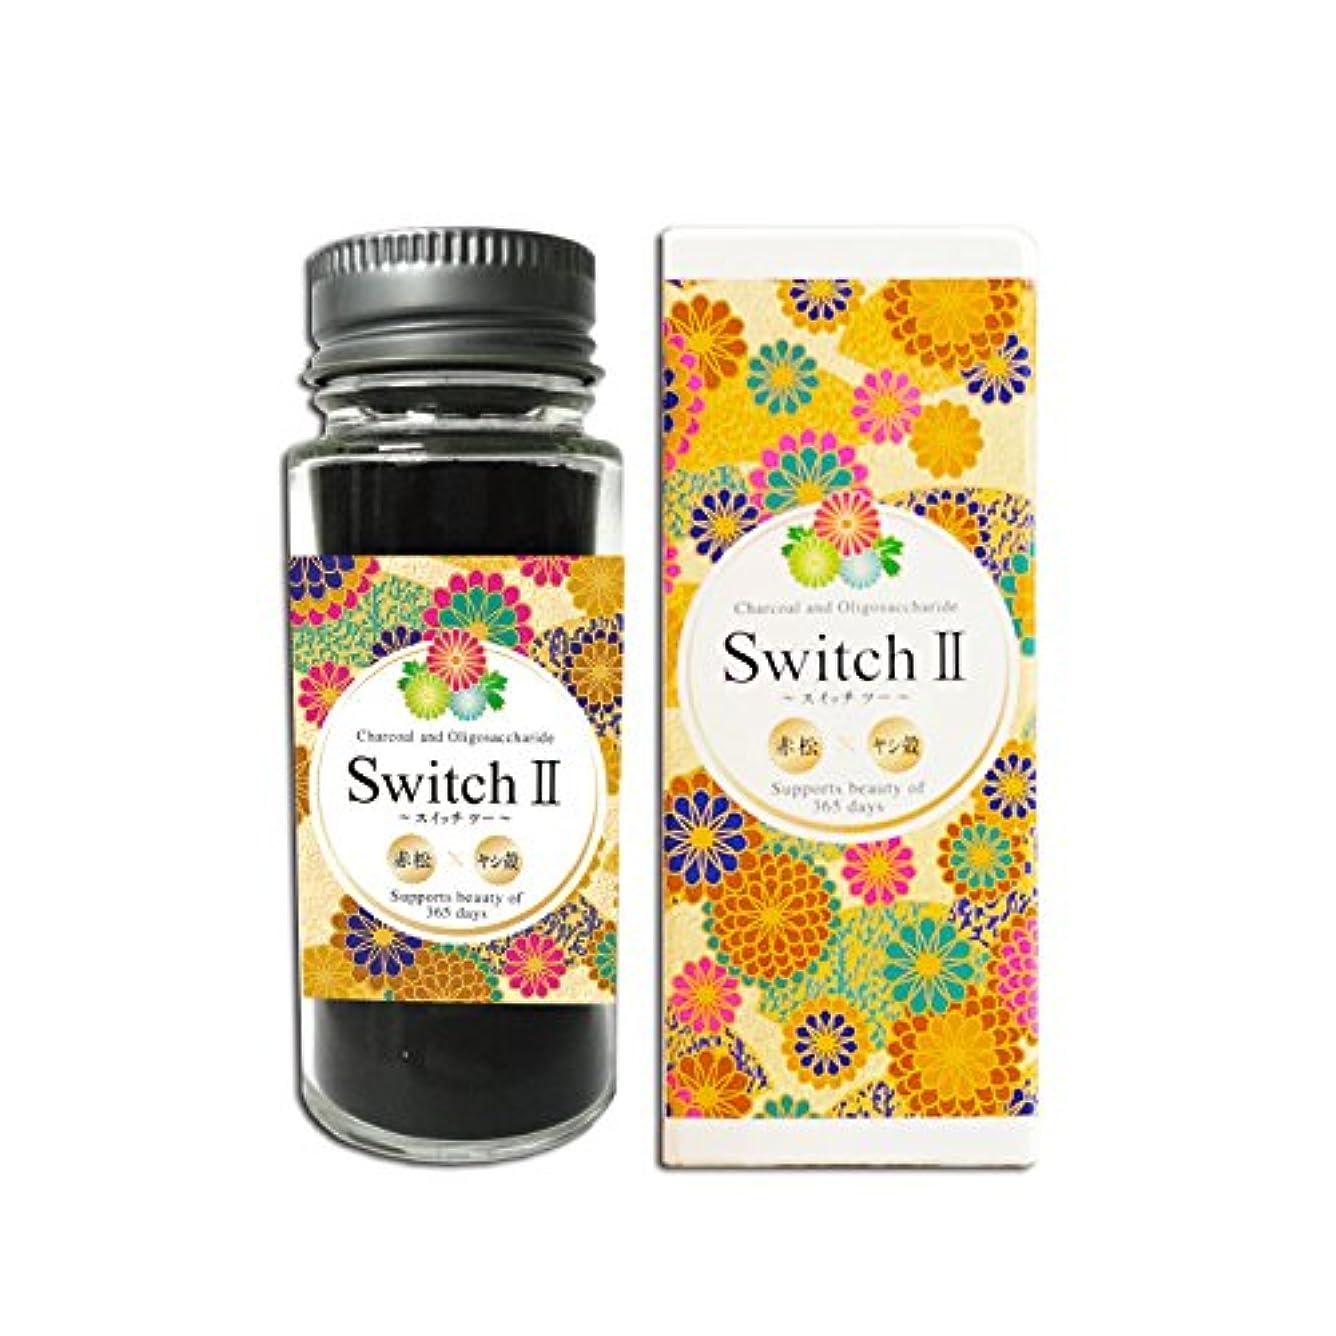 極めて重要な飢えデコレーションSwitch Ⅱ(スイッチツー) 炭とオリゴ糖の粉末サプリメント 瓶タイプ 25g